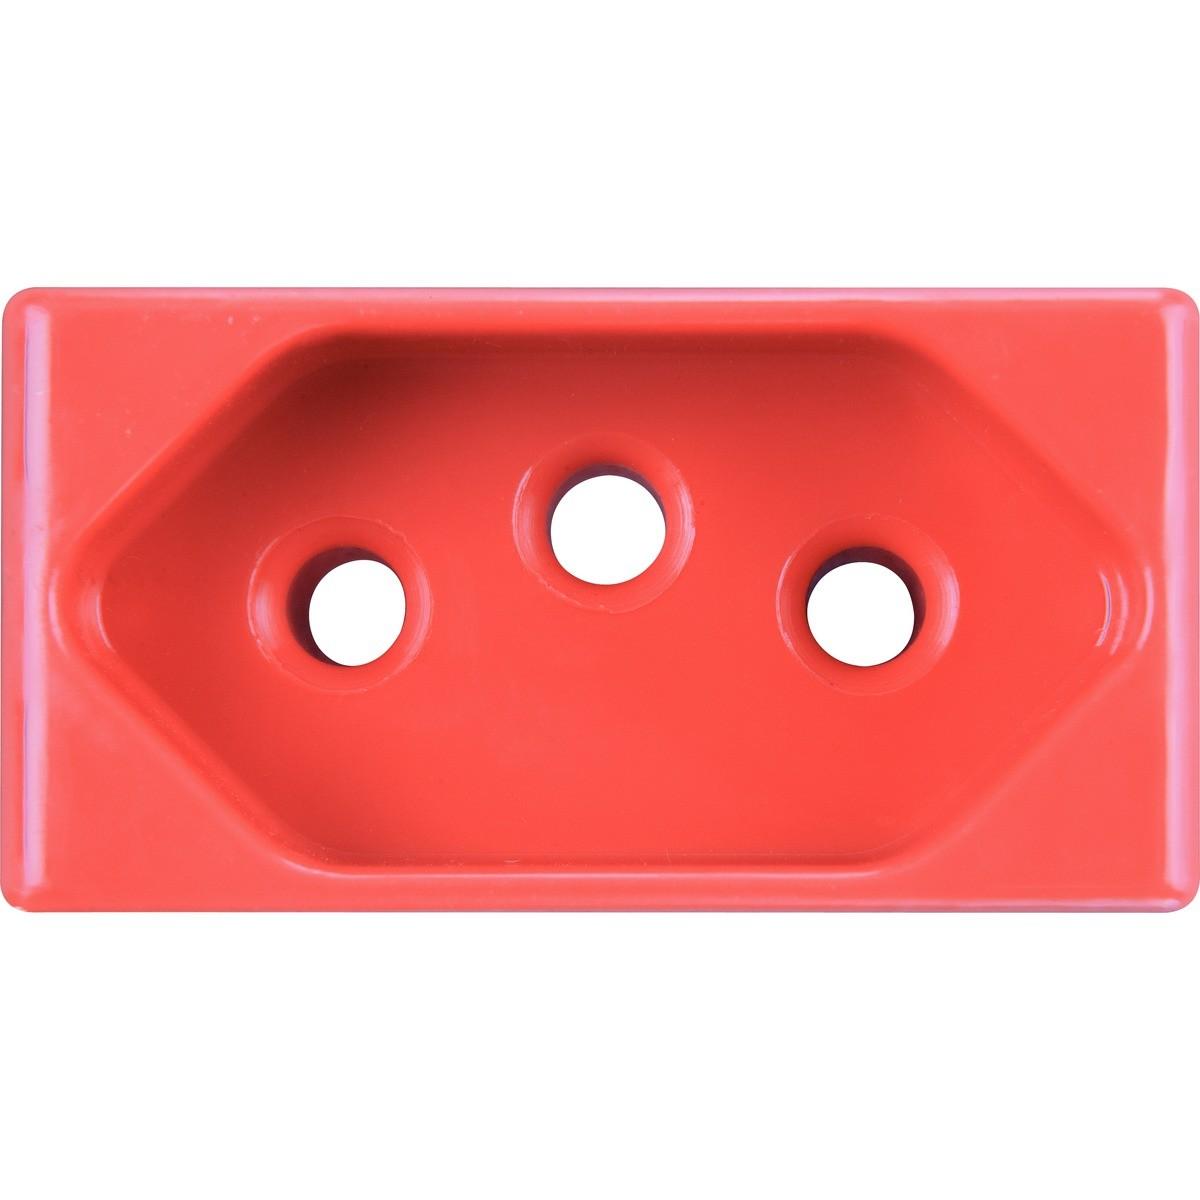 Modulo de Tomada 20A 250V Vermelho - Tramontina